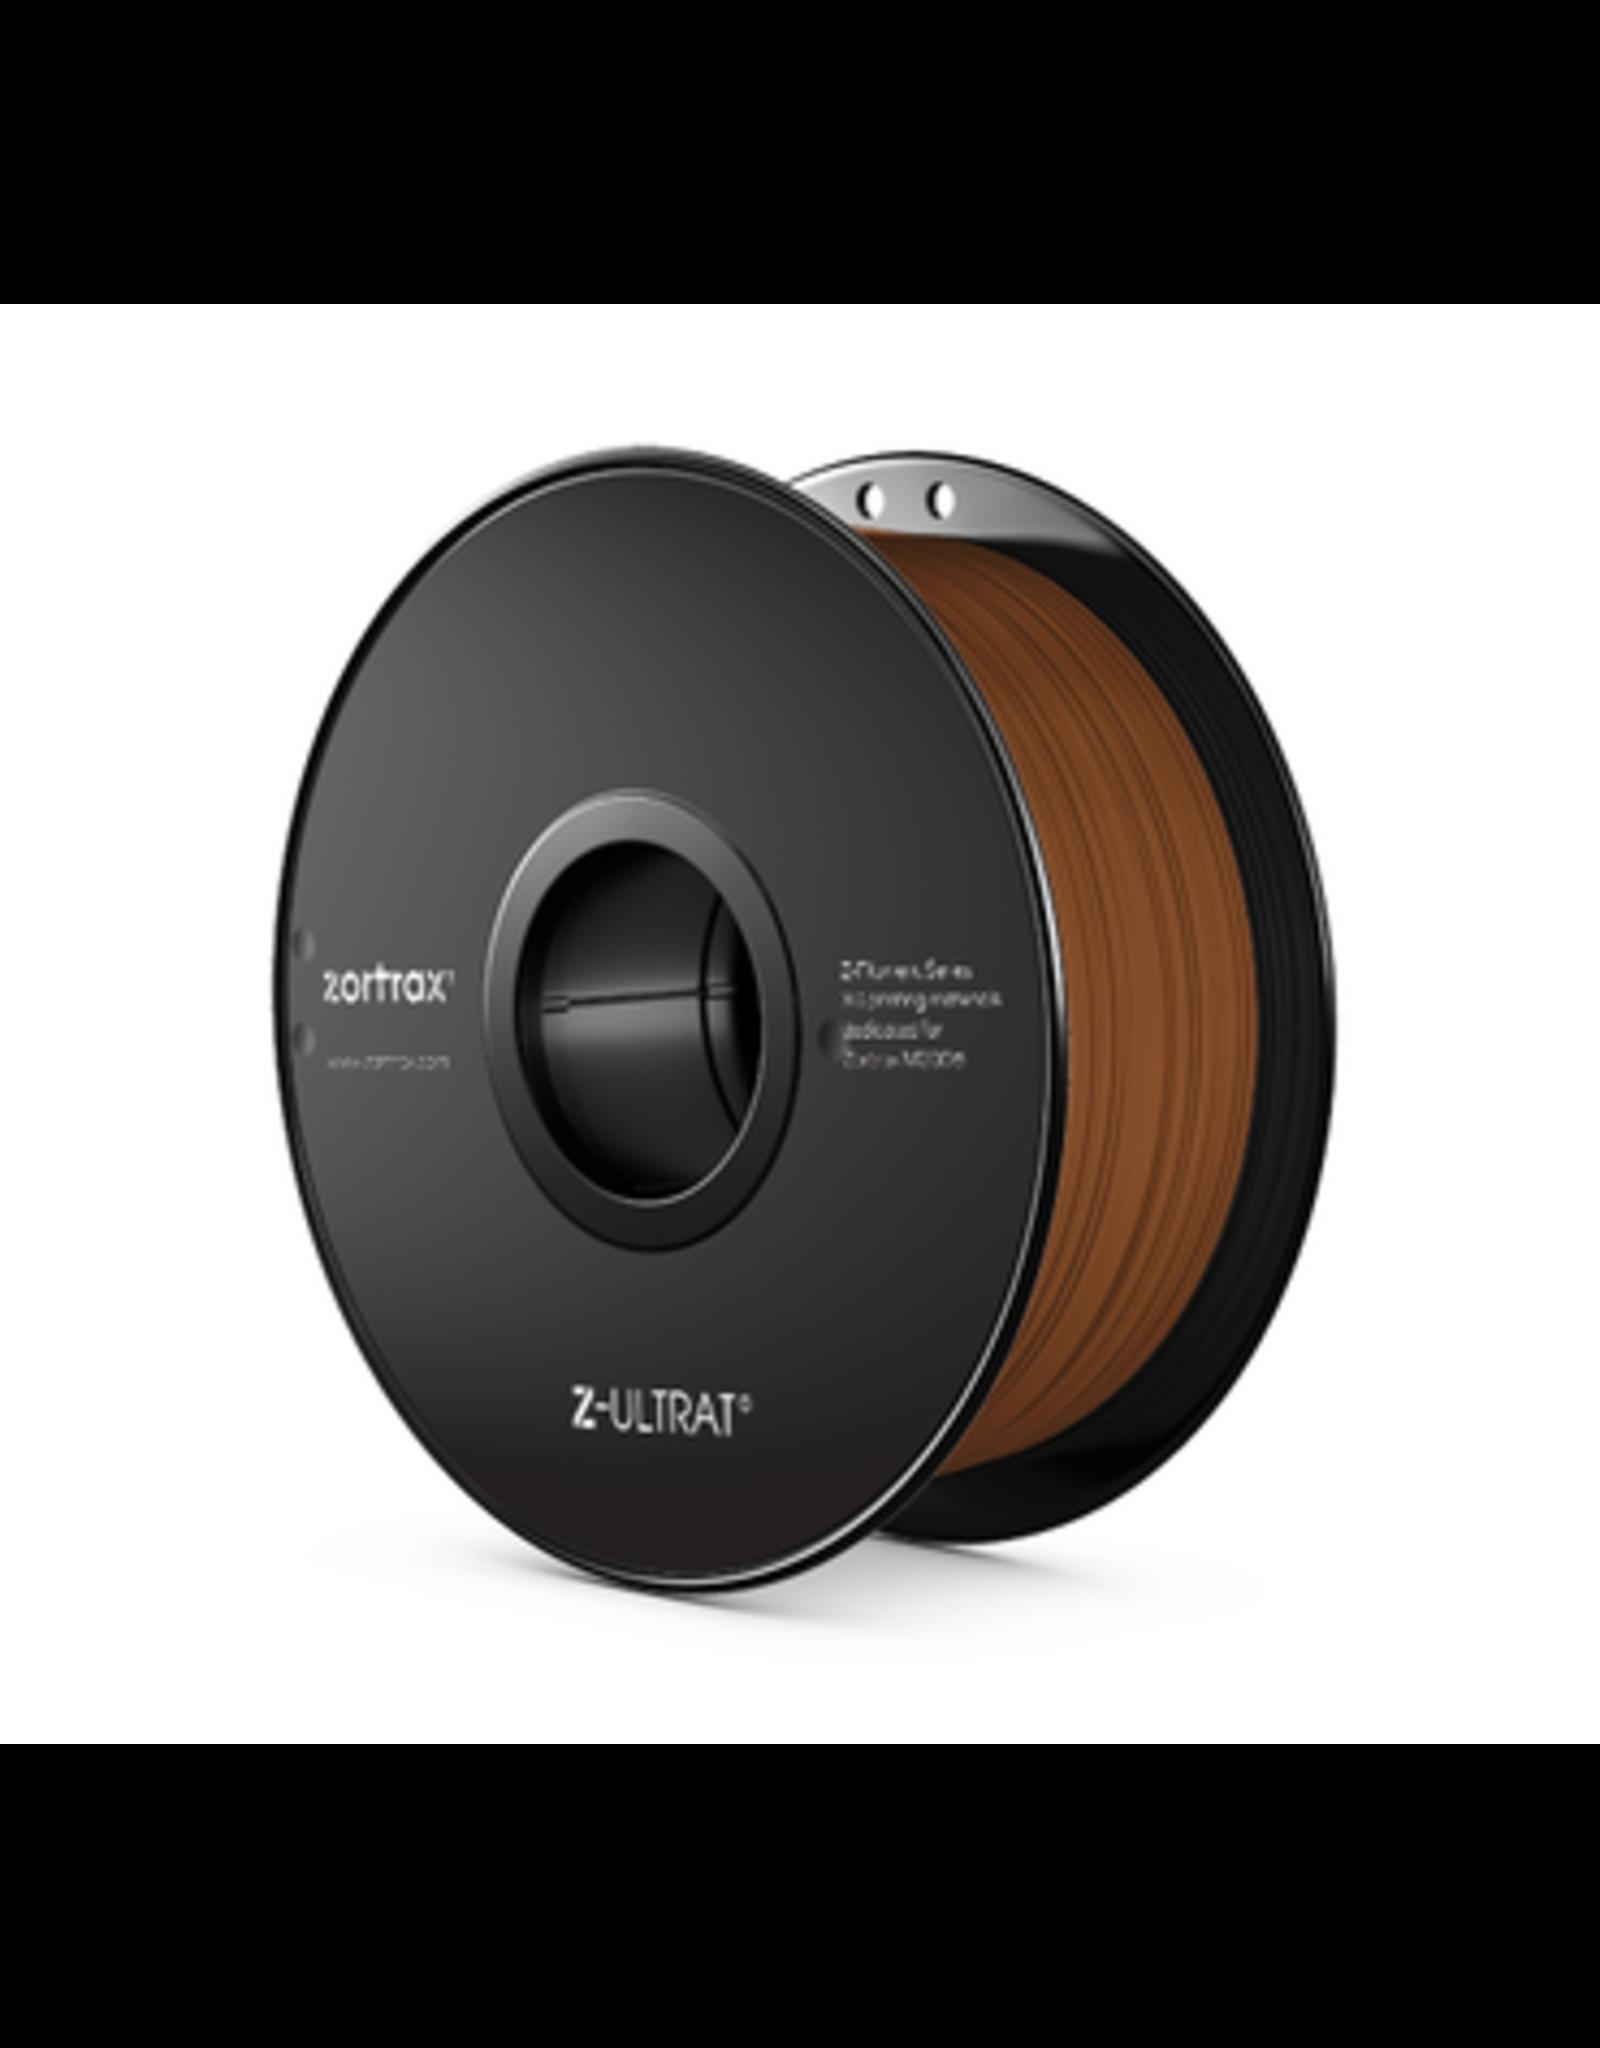 Zortrax Zortrax Z-ULTRAT Filament - 1.75mm - 800g - Brown